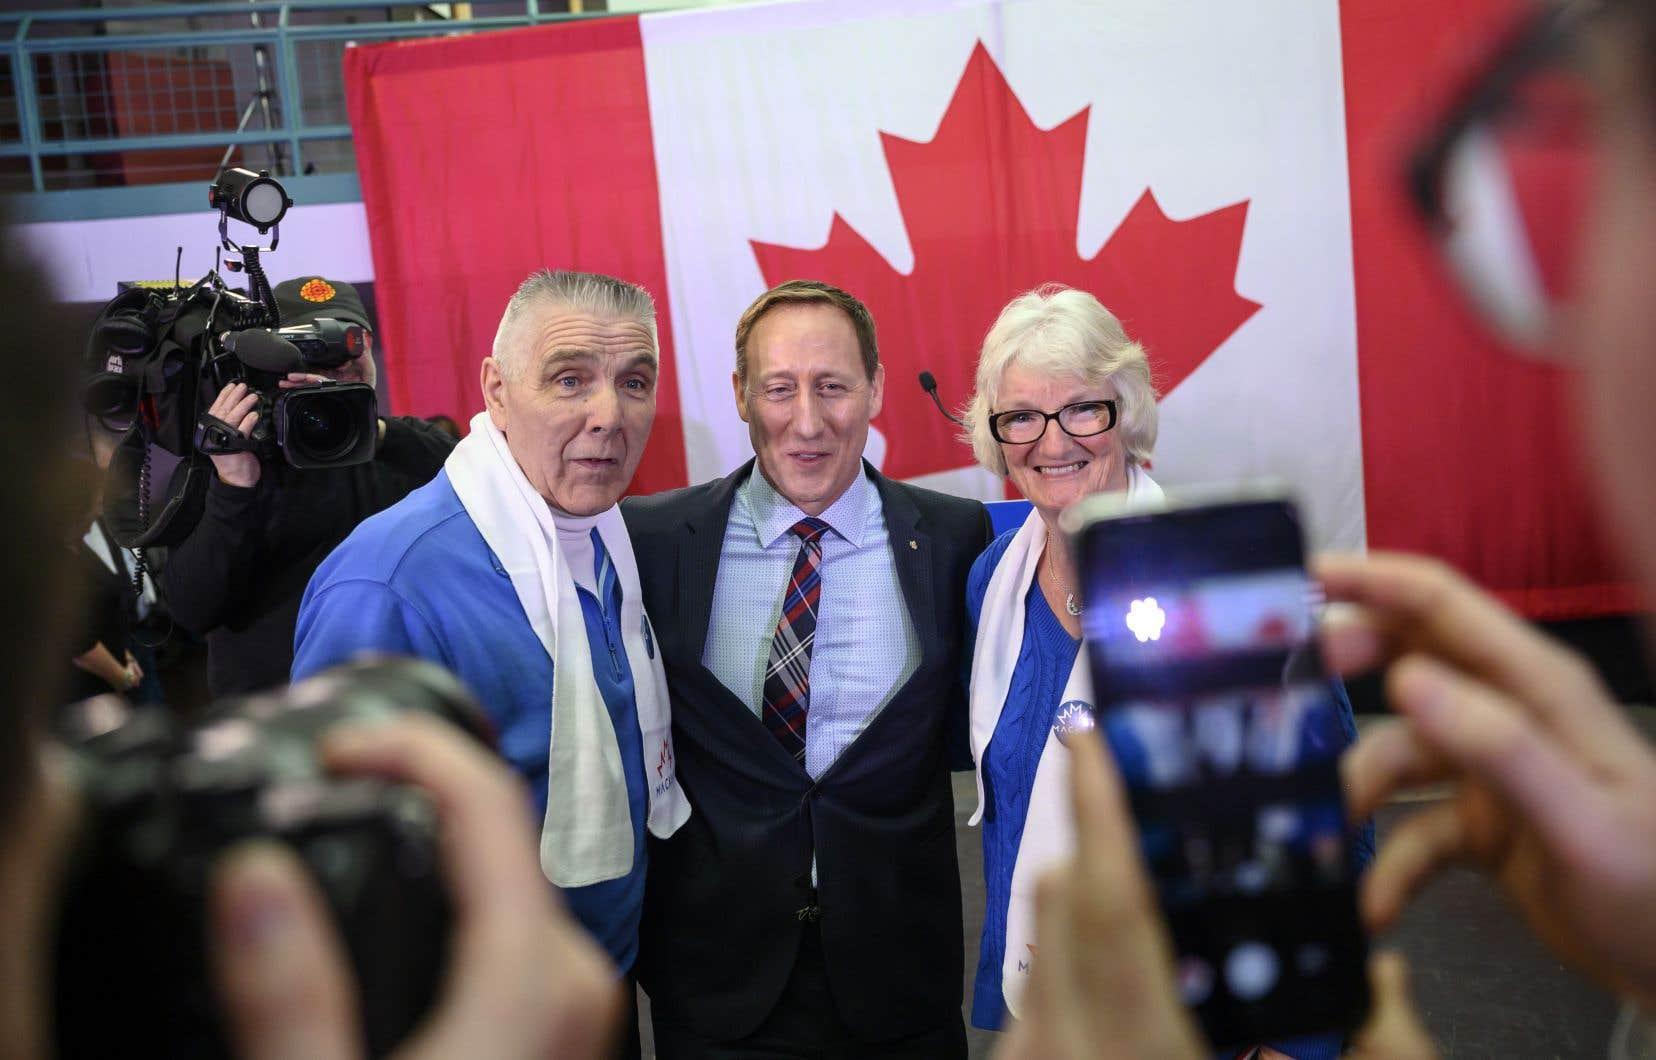 Peter MacKay a été député fédéral de Nouvelle-Écosse de 1997 à 2015. Il a été ministre des Affaires étrangères, de la Défense et de la Justice au sein des gouvernements de Stephen Harper, entre 2006 et 2015.